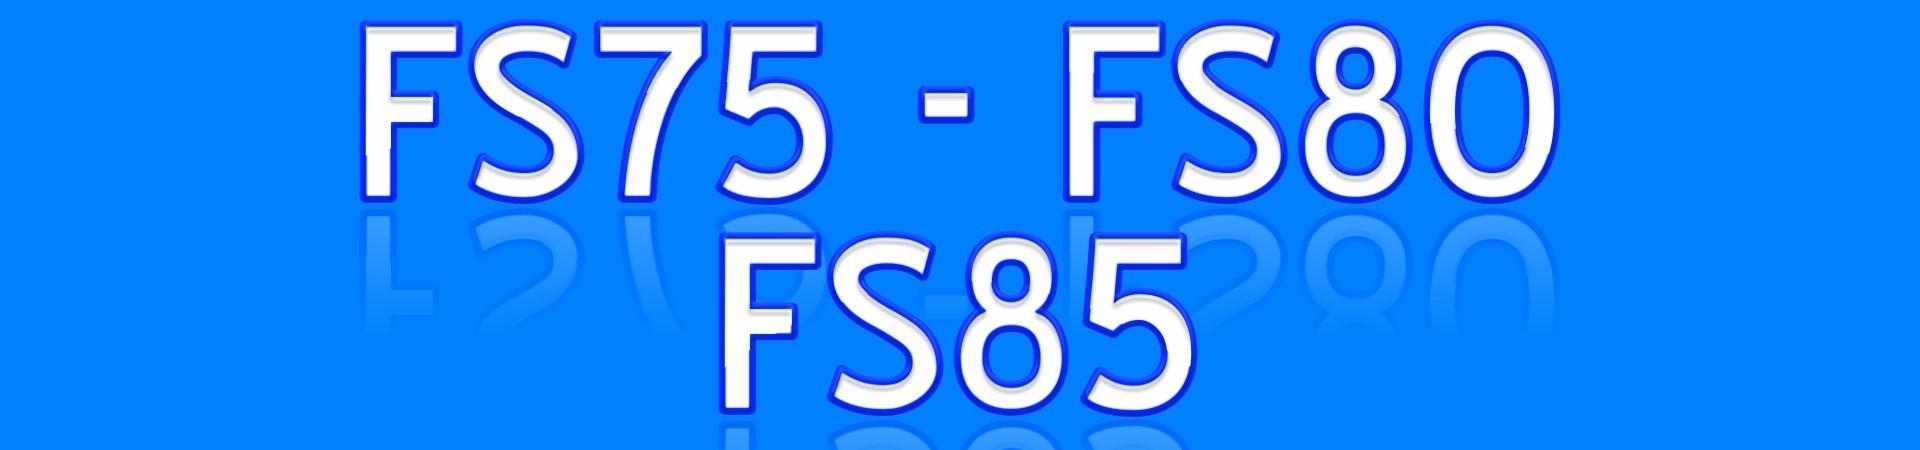 FS75 FS80 FS85